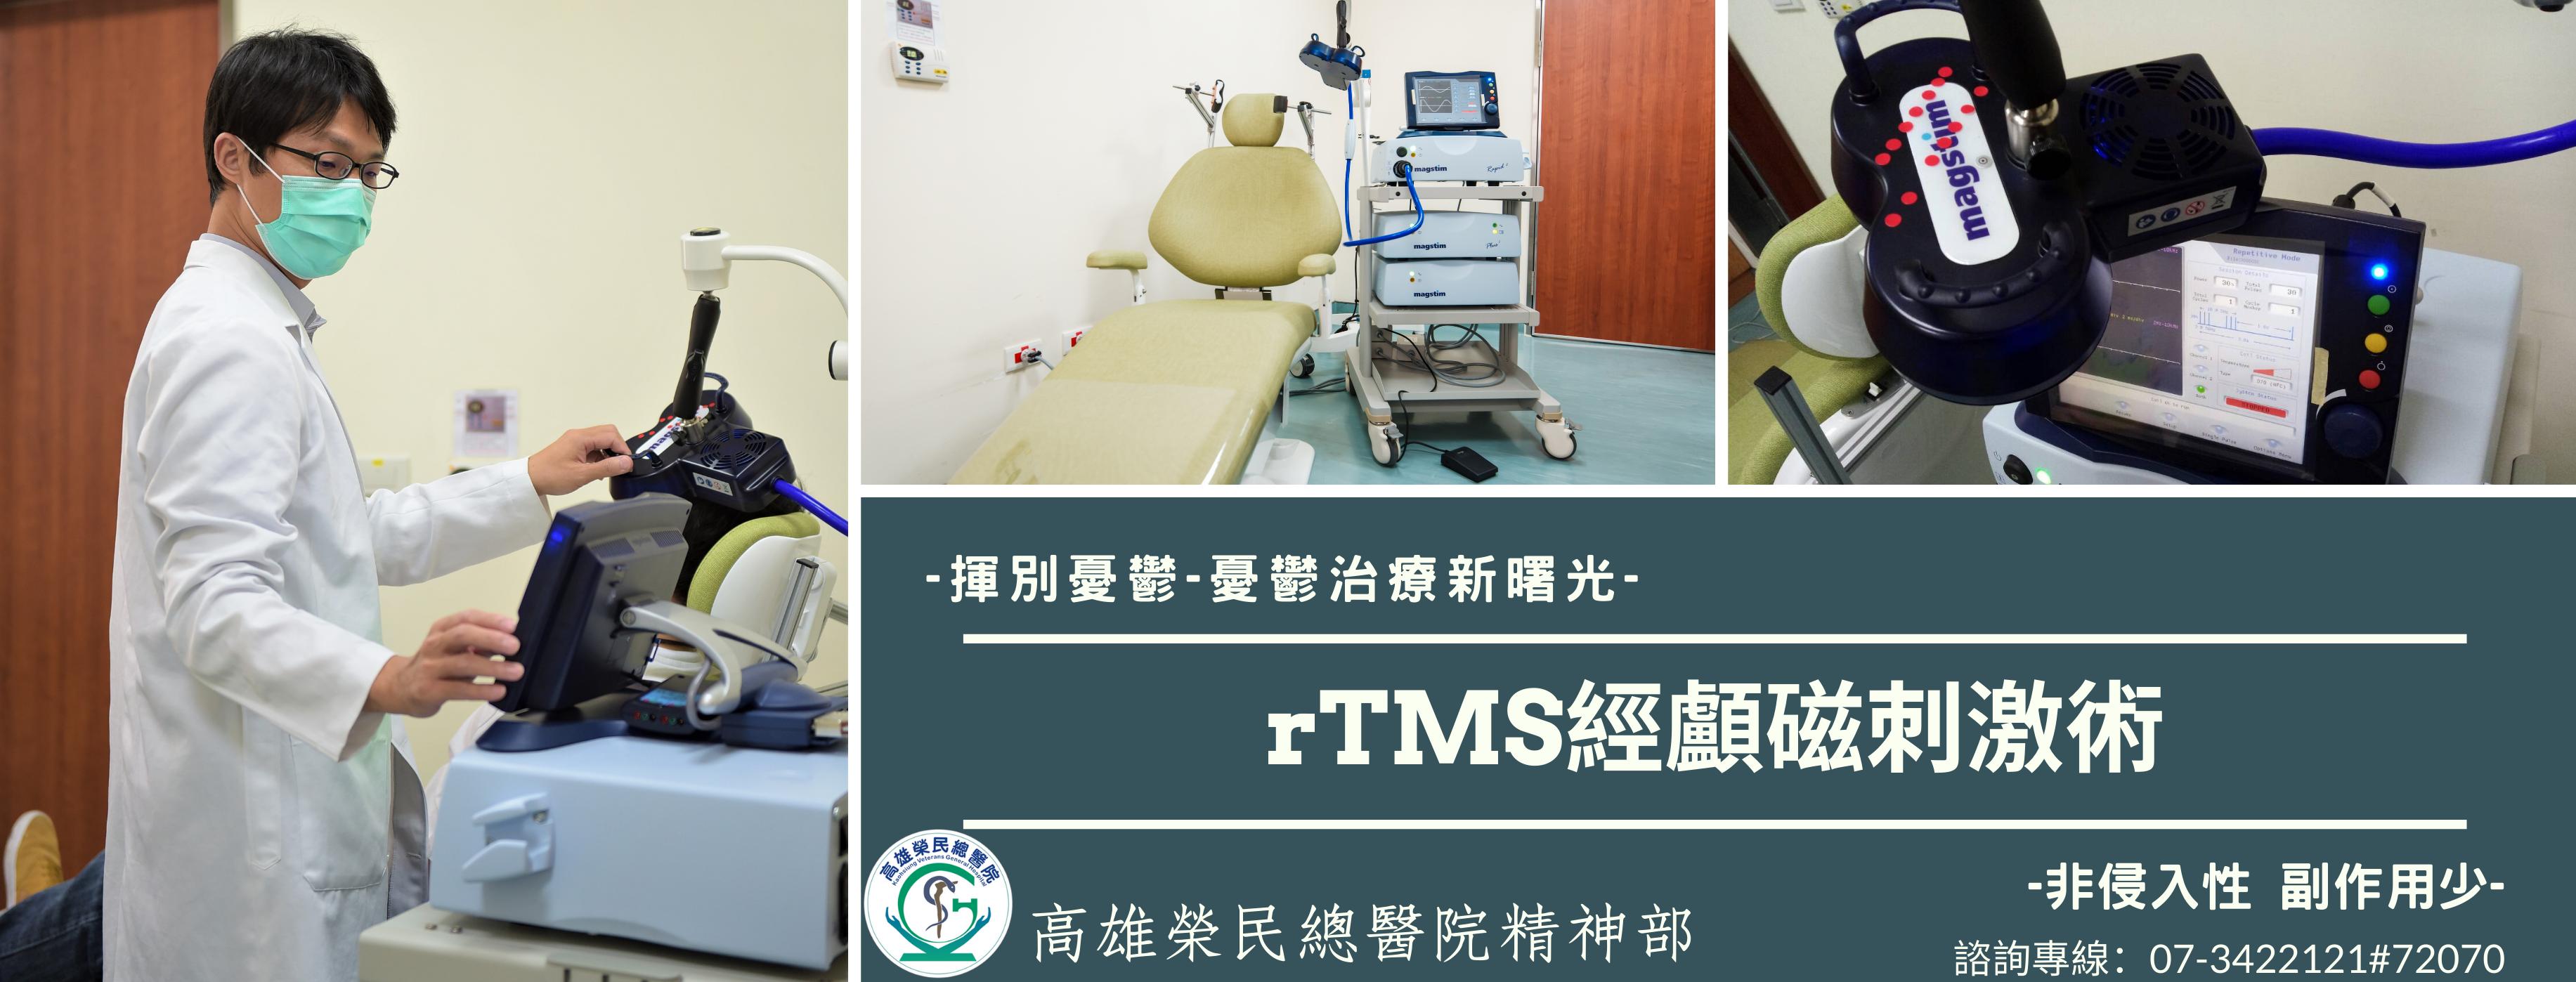 10912 [精神部] - TMS經顱磁刺激術(圖片)